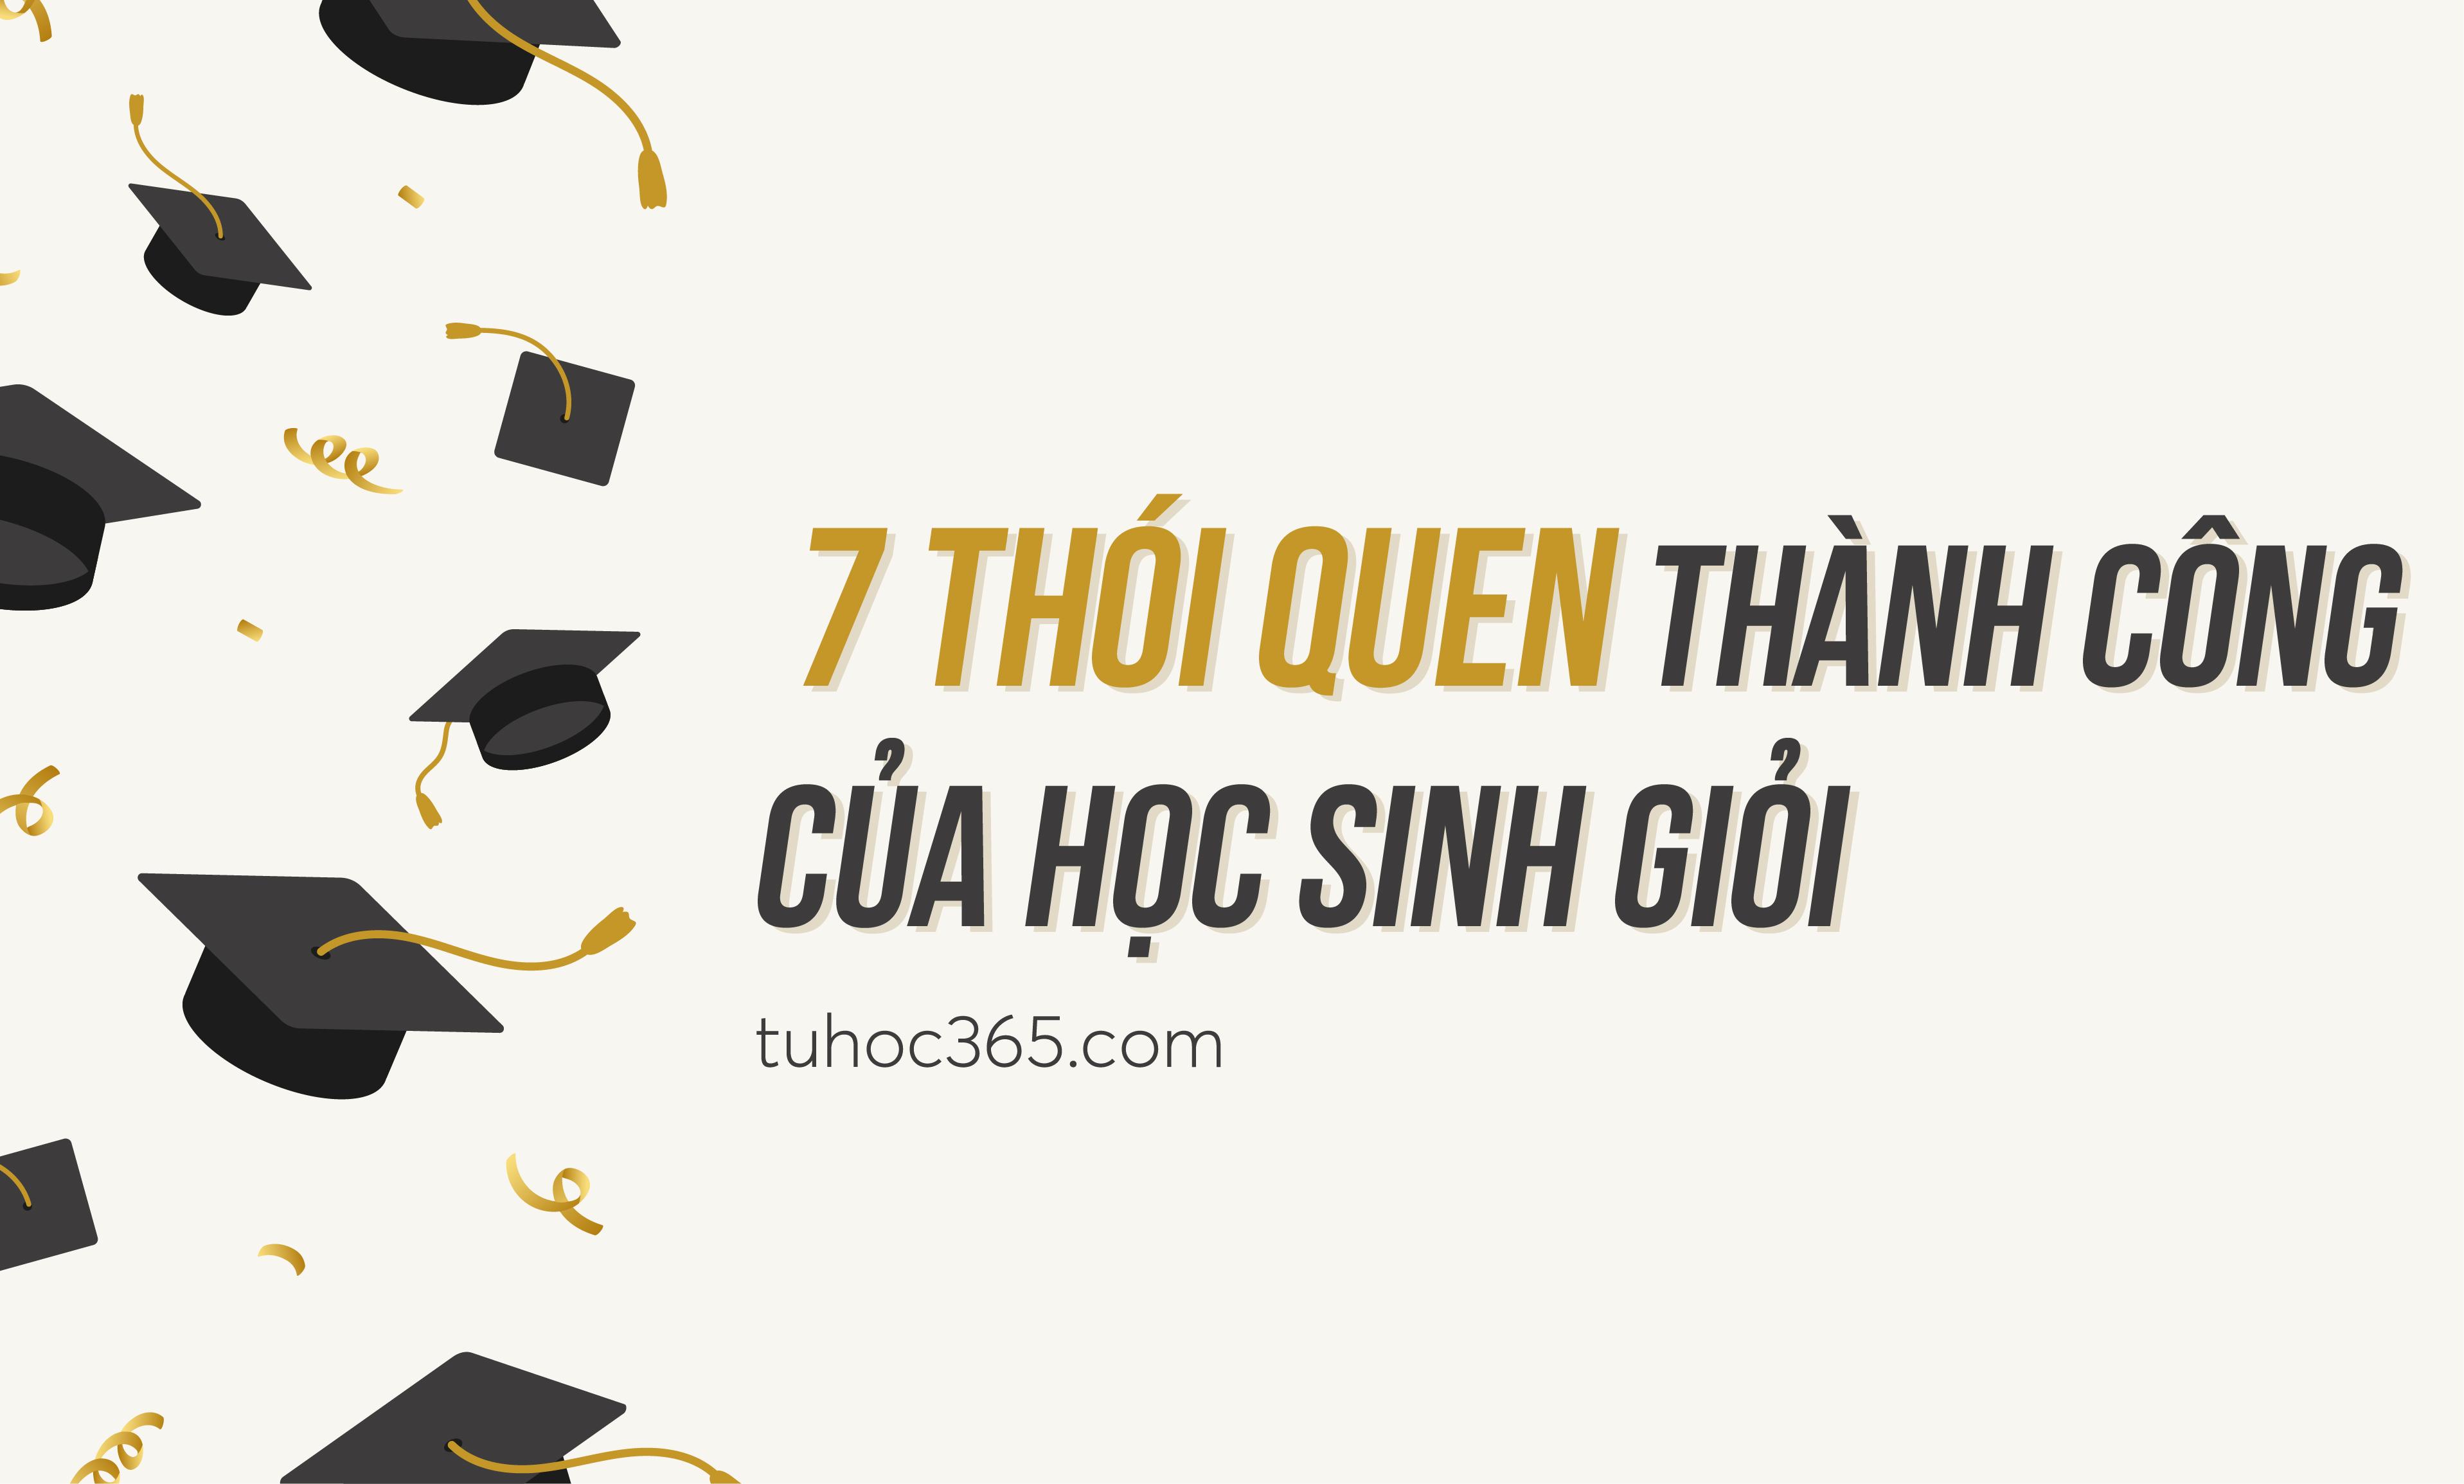 7 Thói Quen Thành Công của học sinh giỏi